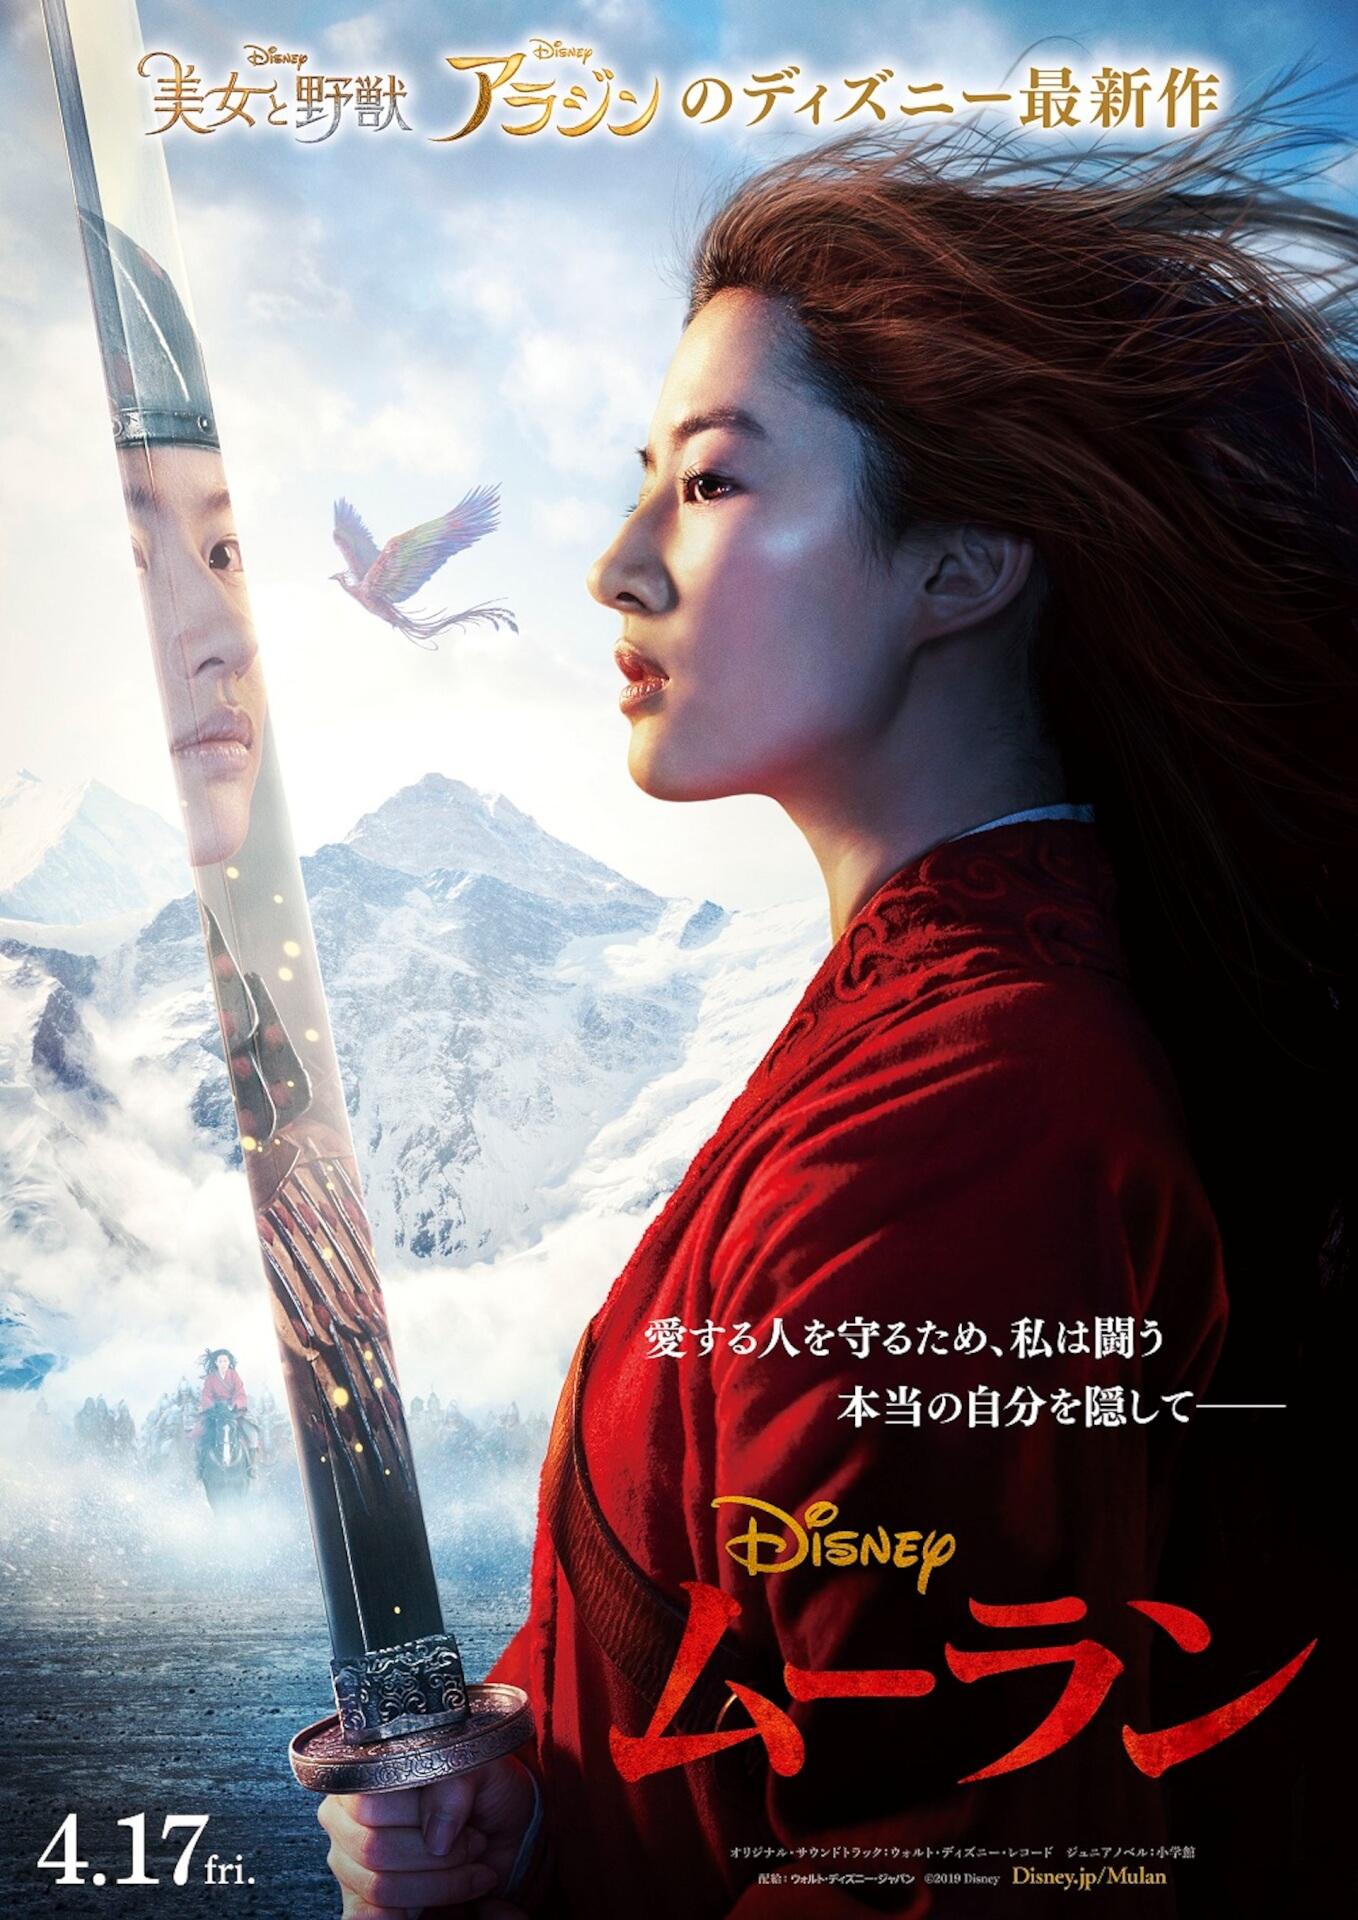 ディズニー映画『ムーラン』『2分の1の魔法』の2作品がコロナウイルスの影響で公開延期に film200302_disney_2